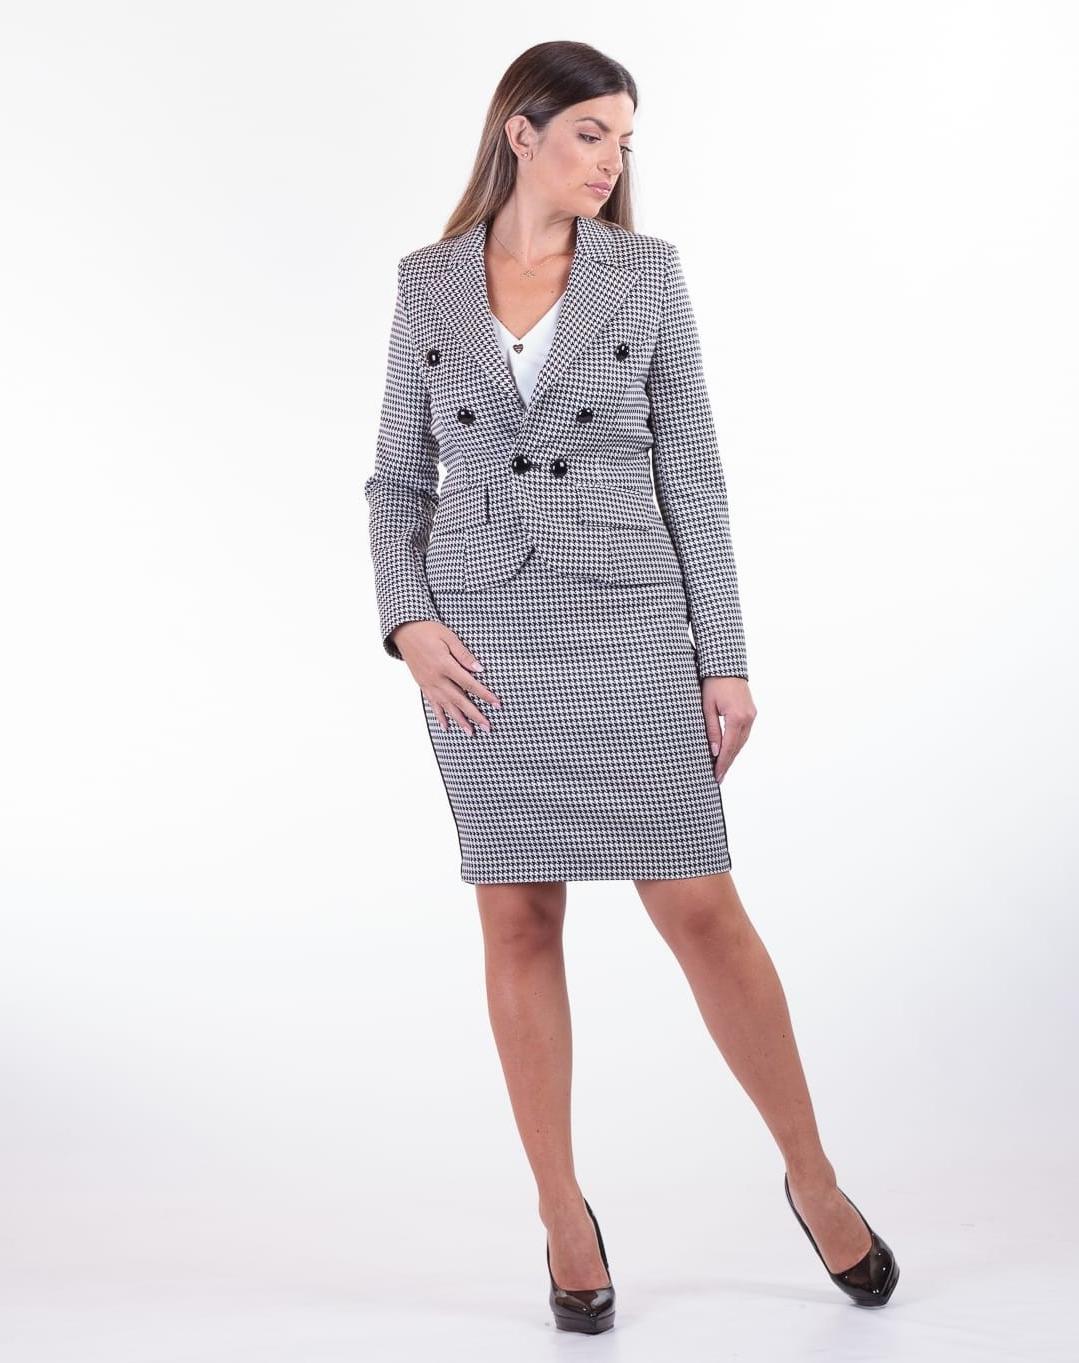 Costume femme avec une jupe grise écossaise